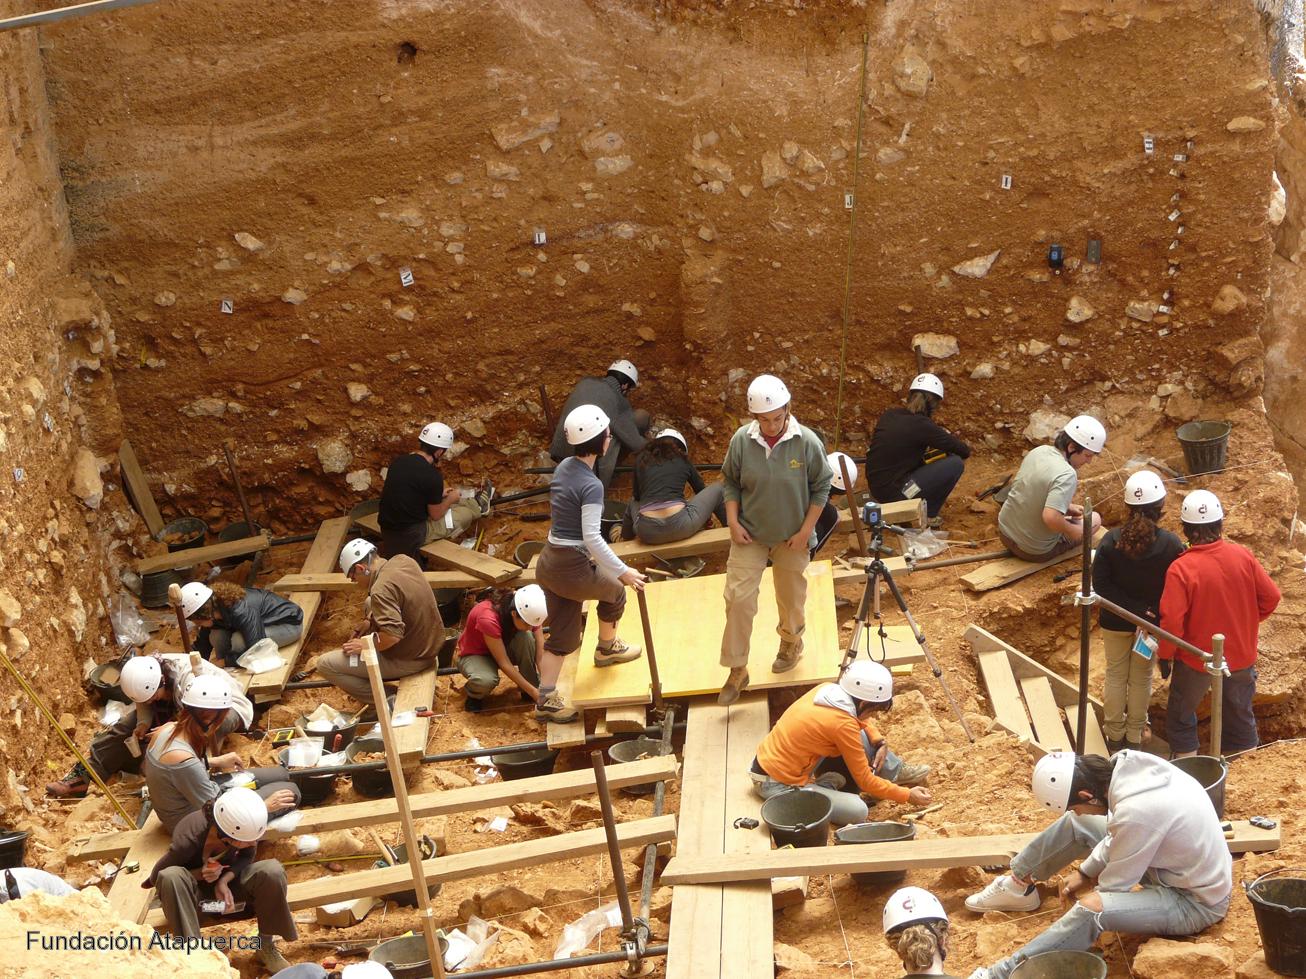 Los homínidos de hace 800.000 años planificaban la adquisición, transporte y preparación de piezas de caza